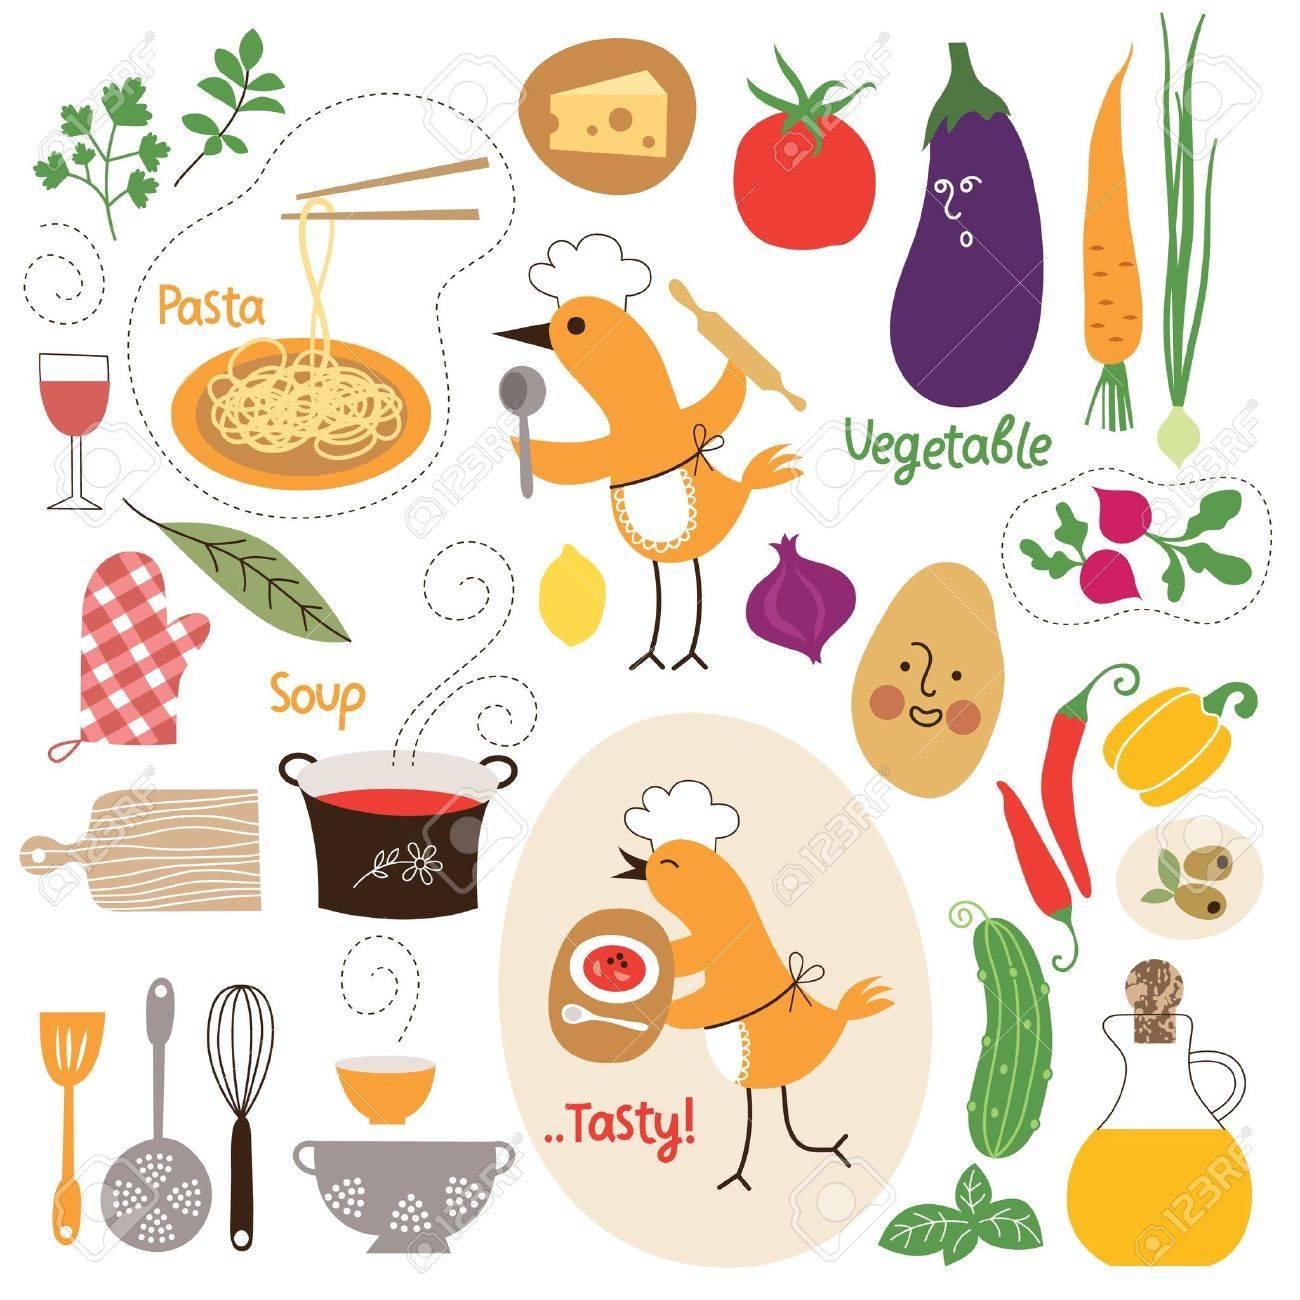 健康的な食事、食品イラスト コレクション ロイヤリティフリークリップ